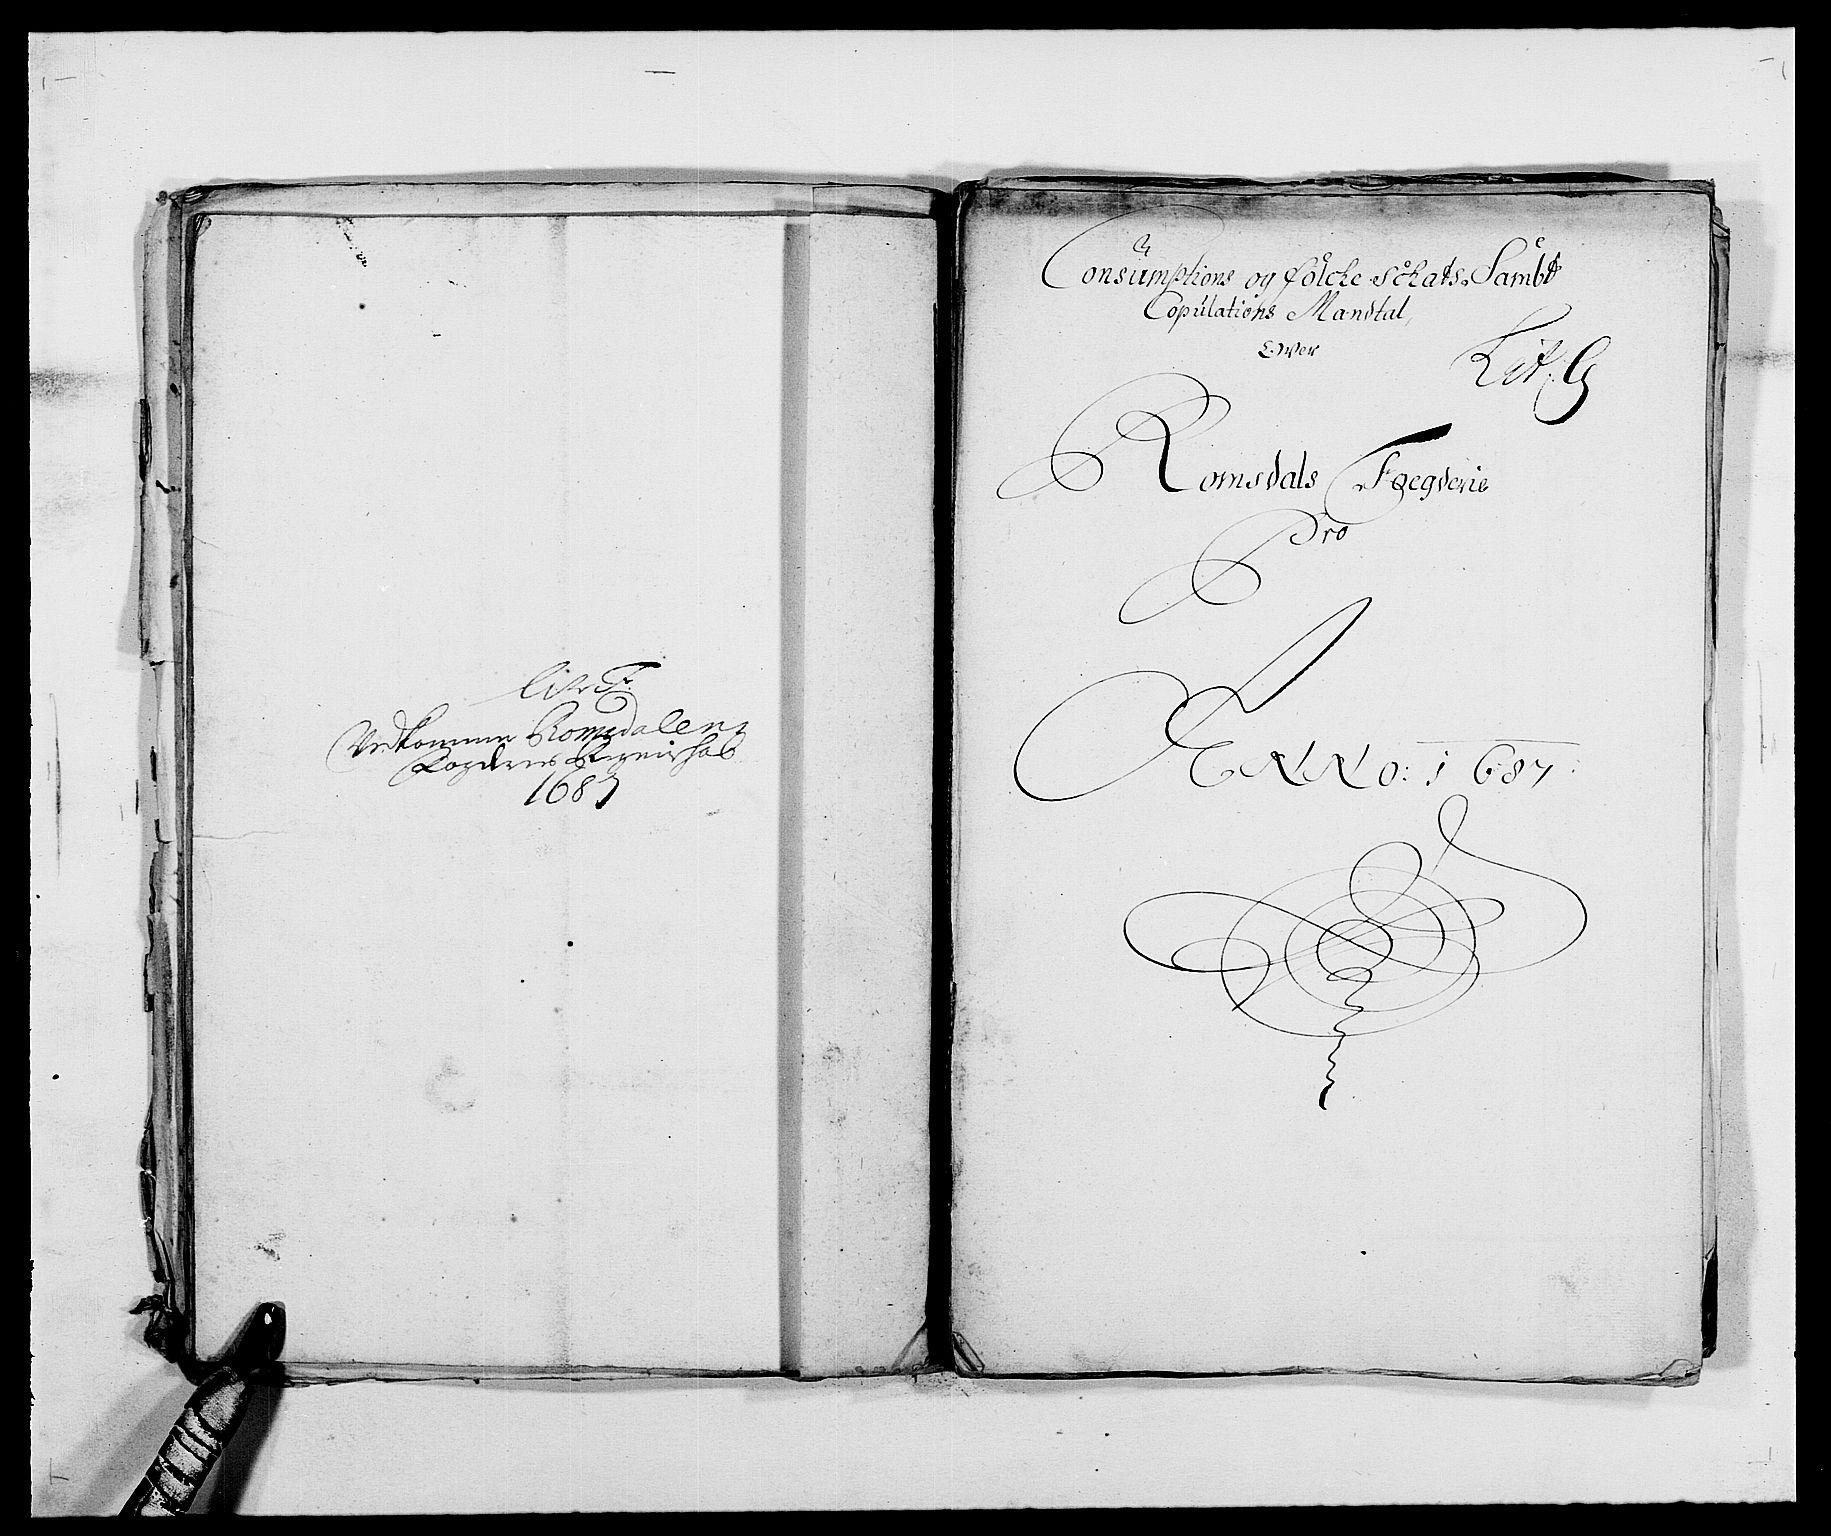 RA, Rentekammeret inntil 1814, Reviderte regnskaper, Fogderegnskap, R55/L3648: Fogderegnskap Romsdal, 1687-1689, s. 93